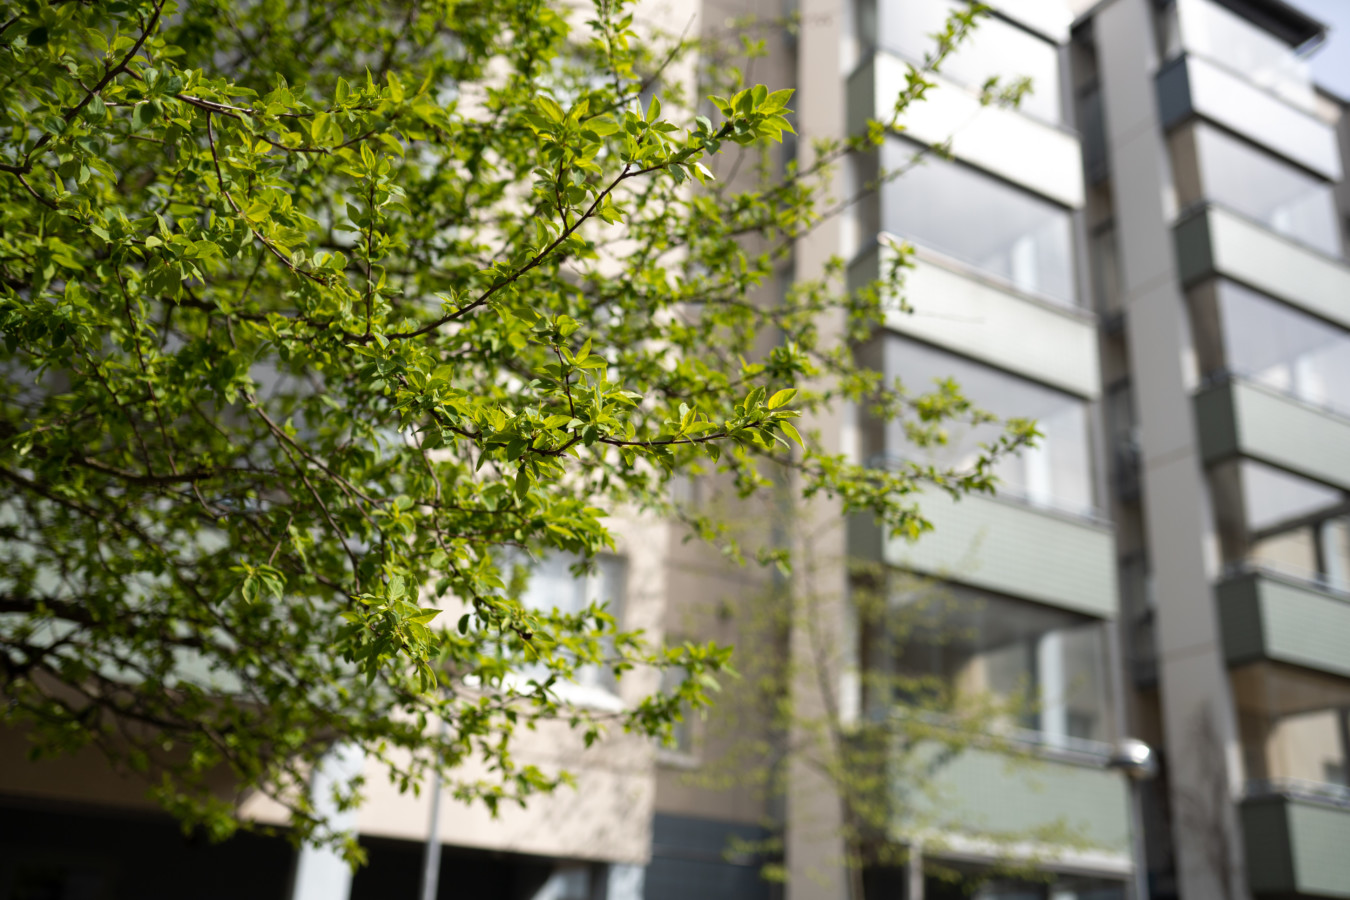 Taloyhtiö Harmajankadulla, jossa vehreä puu on talon edessä. Kuva: Jussi Rekiaro.